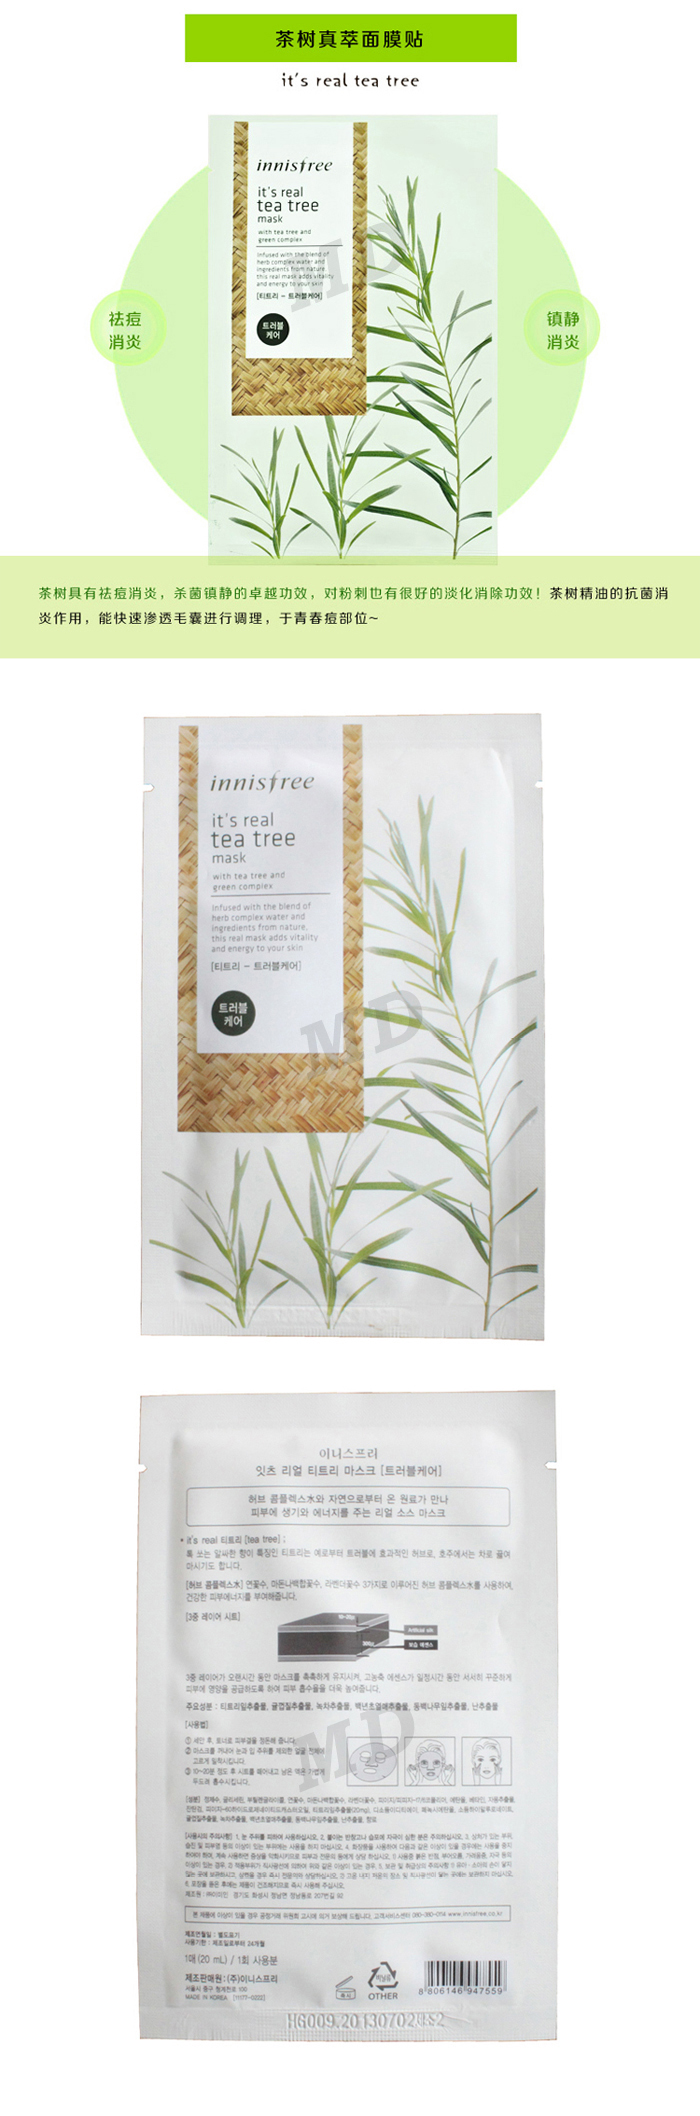 茶树祛痘消炎镇静舒缓面膜